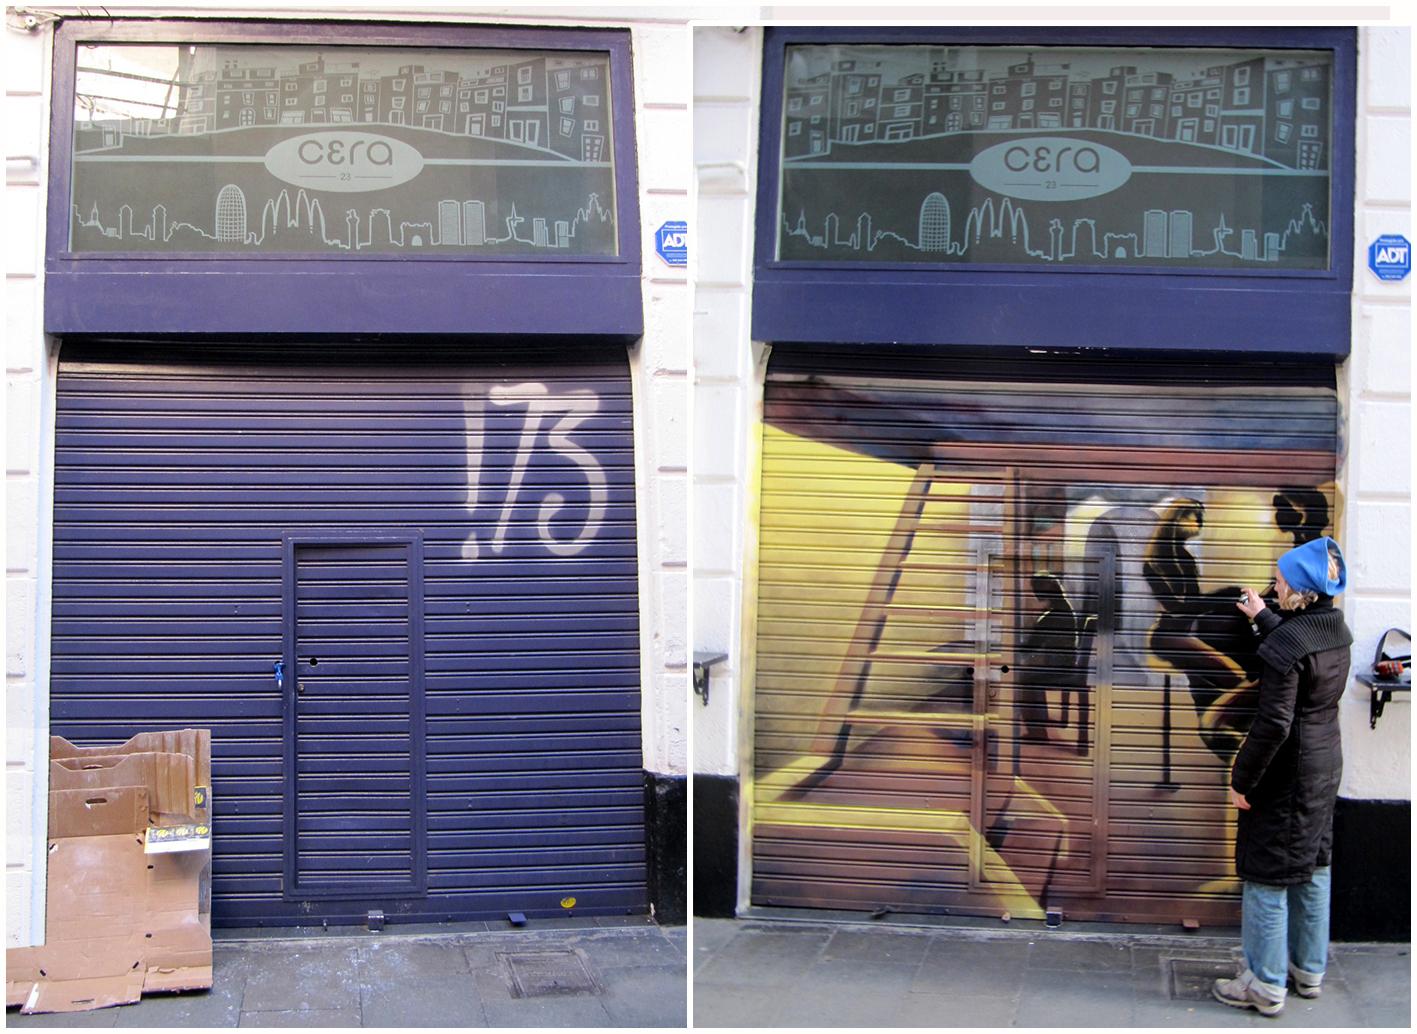 pintura-persiana-graffiti-cera-23